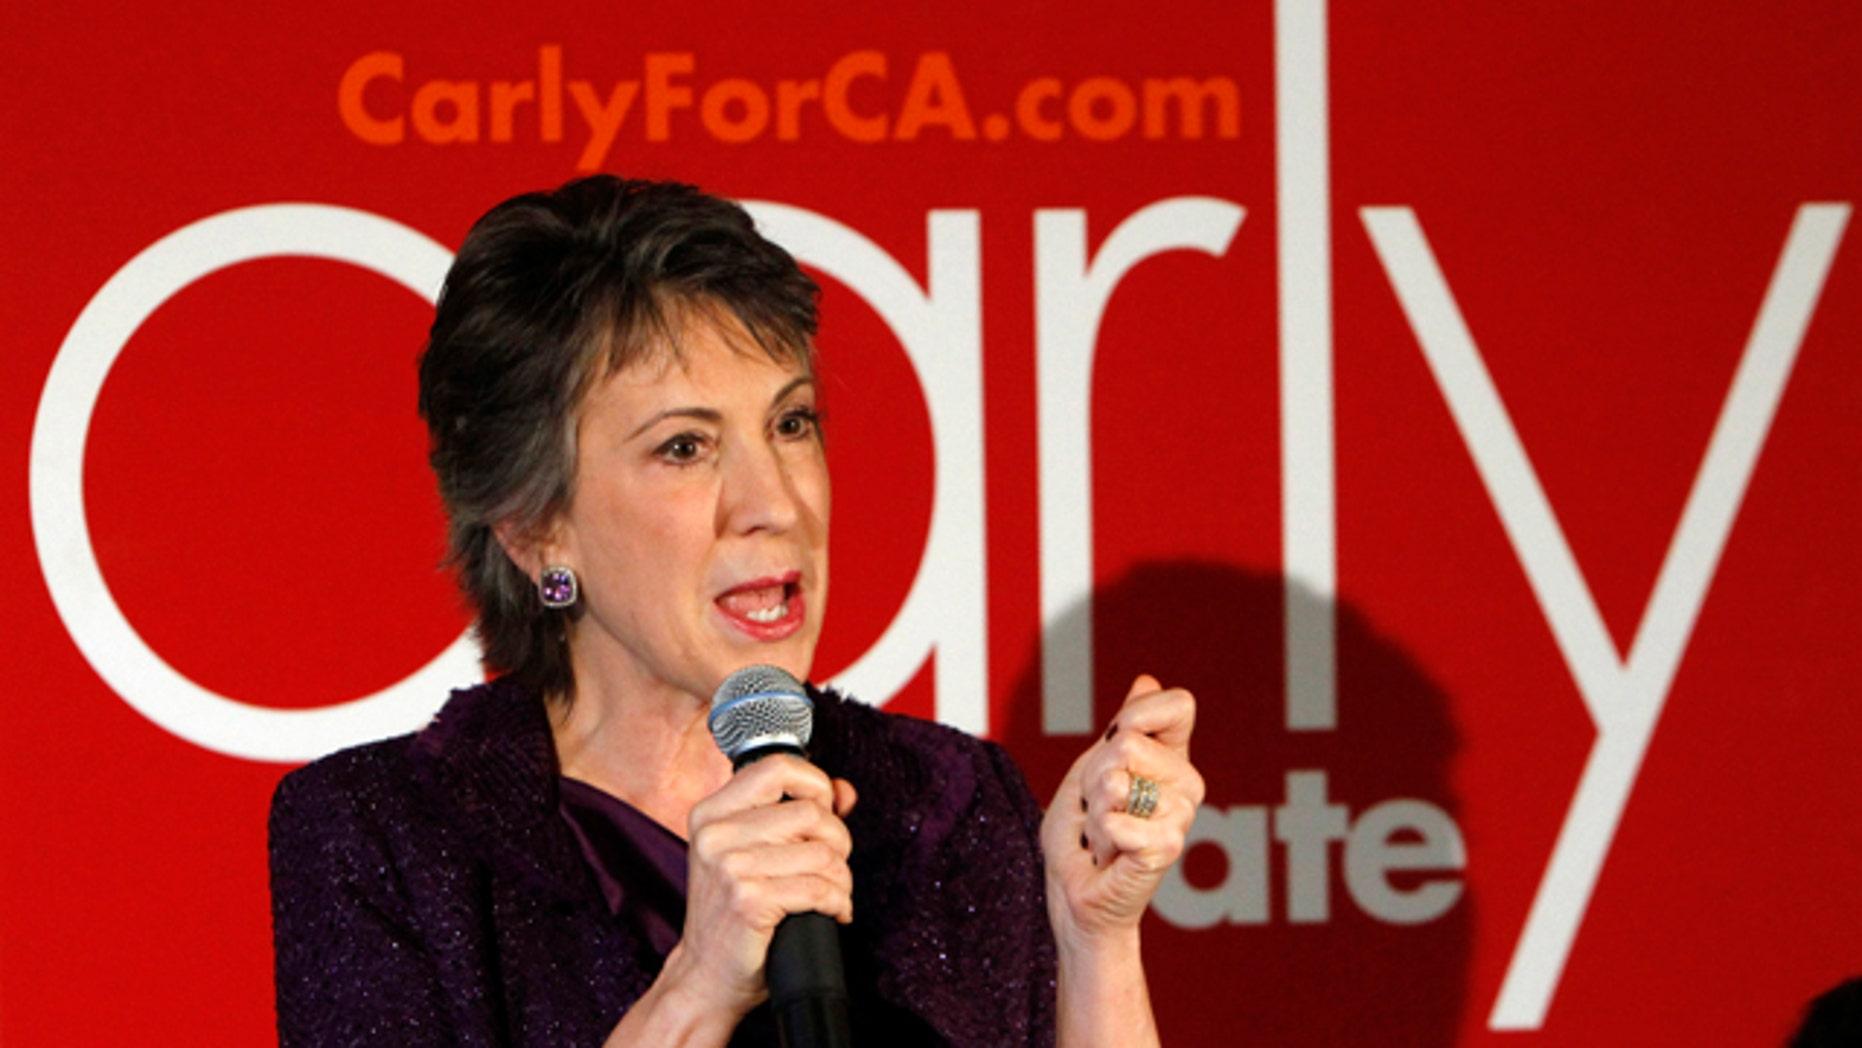 Oct. 19, 2010: Republican U.S. Senate candidate Carly Fiorina, speaks at a campaign stop in Sacramento, Calif. Fiorina is in a tight race against incumbent Democratic U.S. Senator Barbara Boxer.